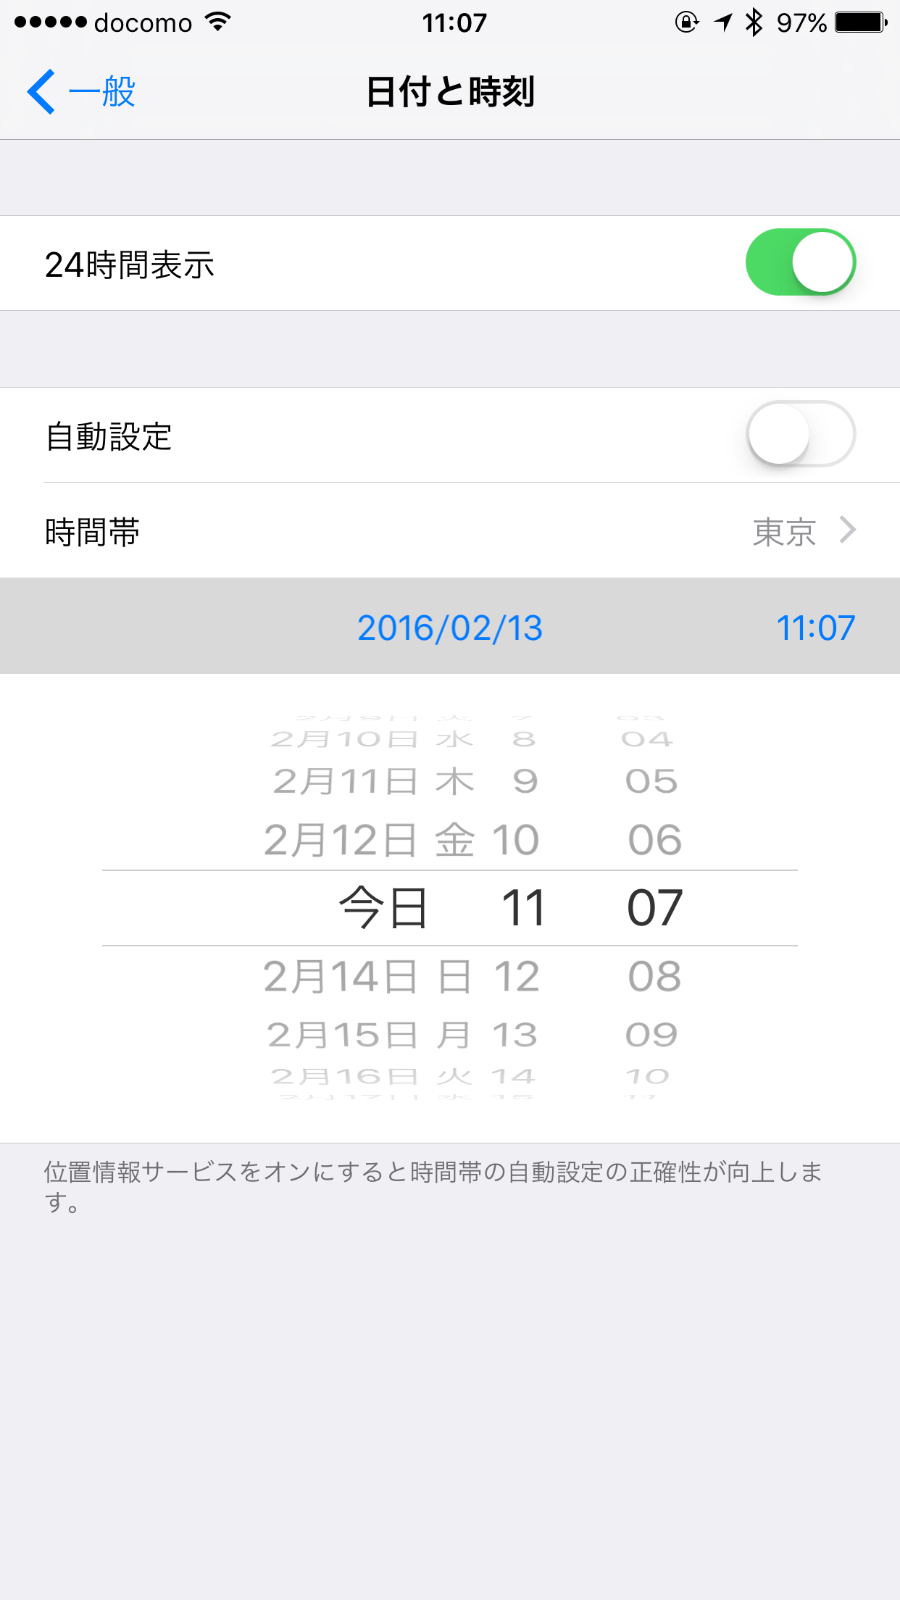 【注意】iPhoneを「1970年1月1日」にすると使用不能になる(追記あり)